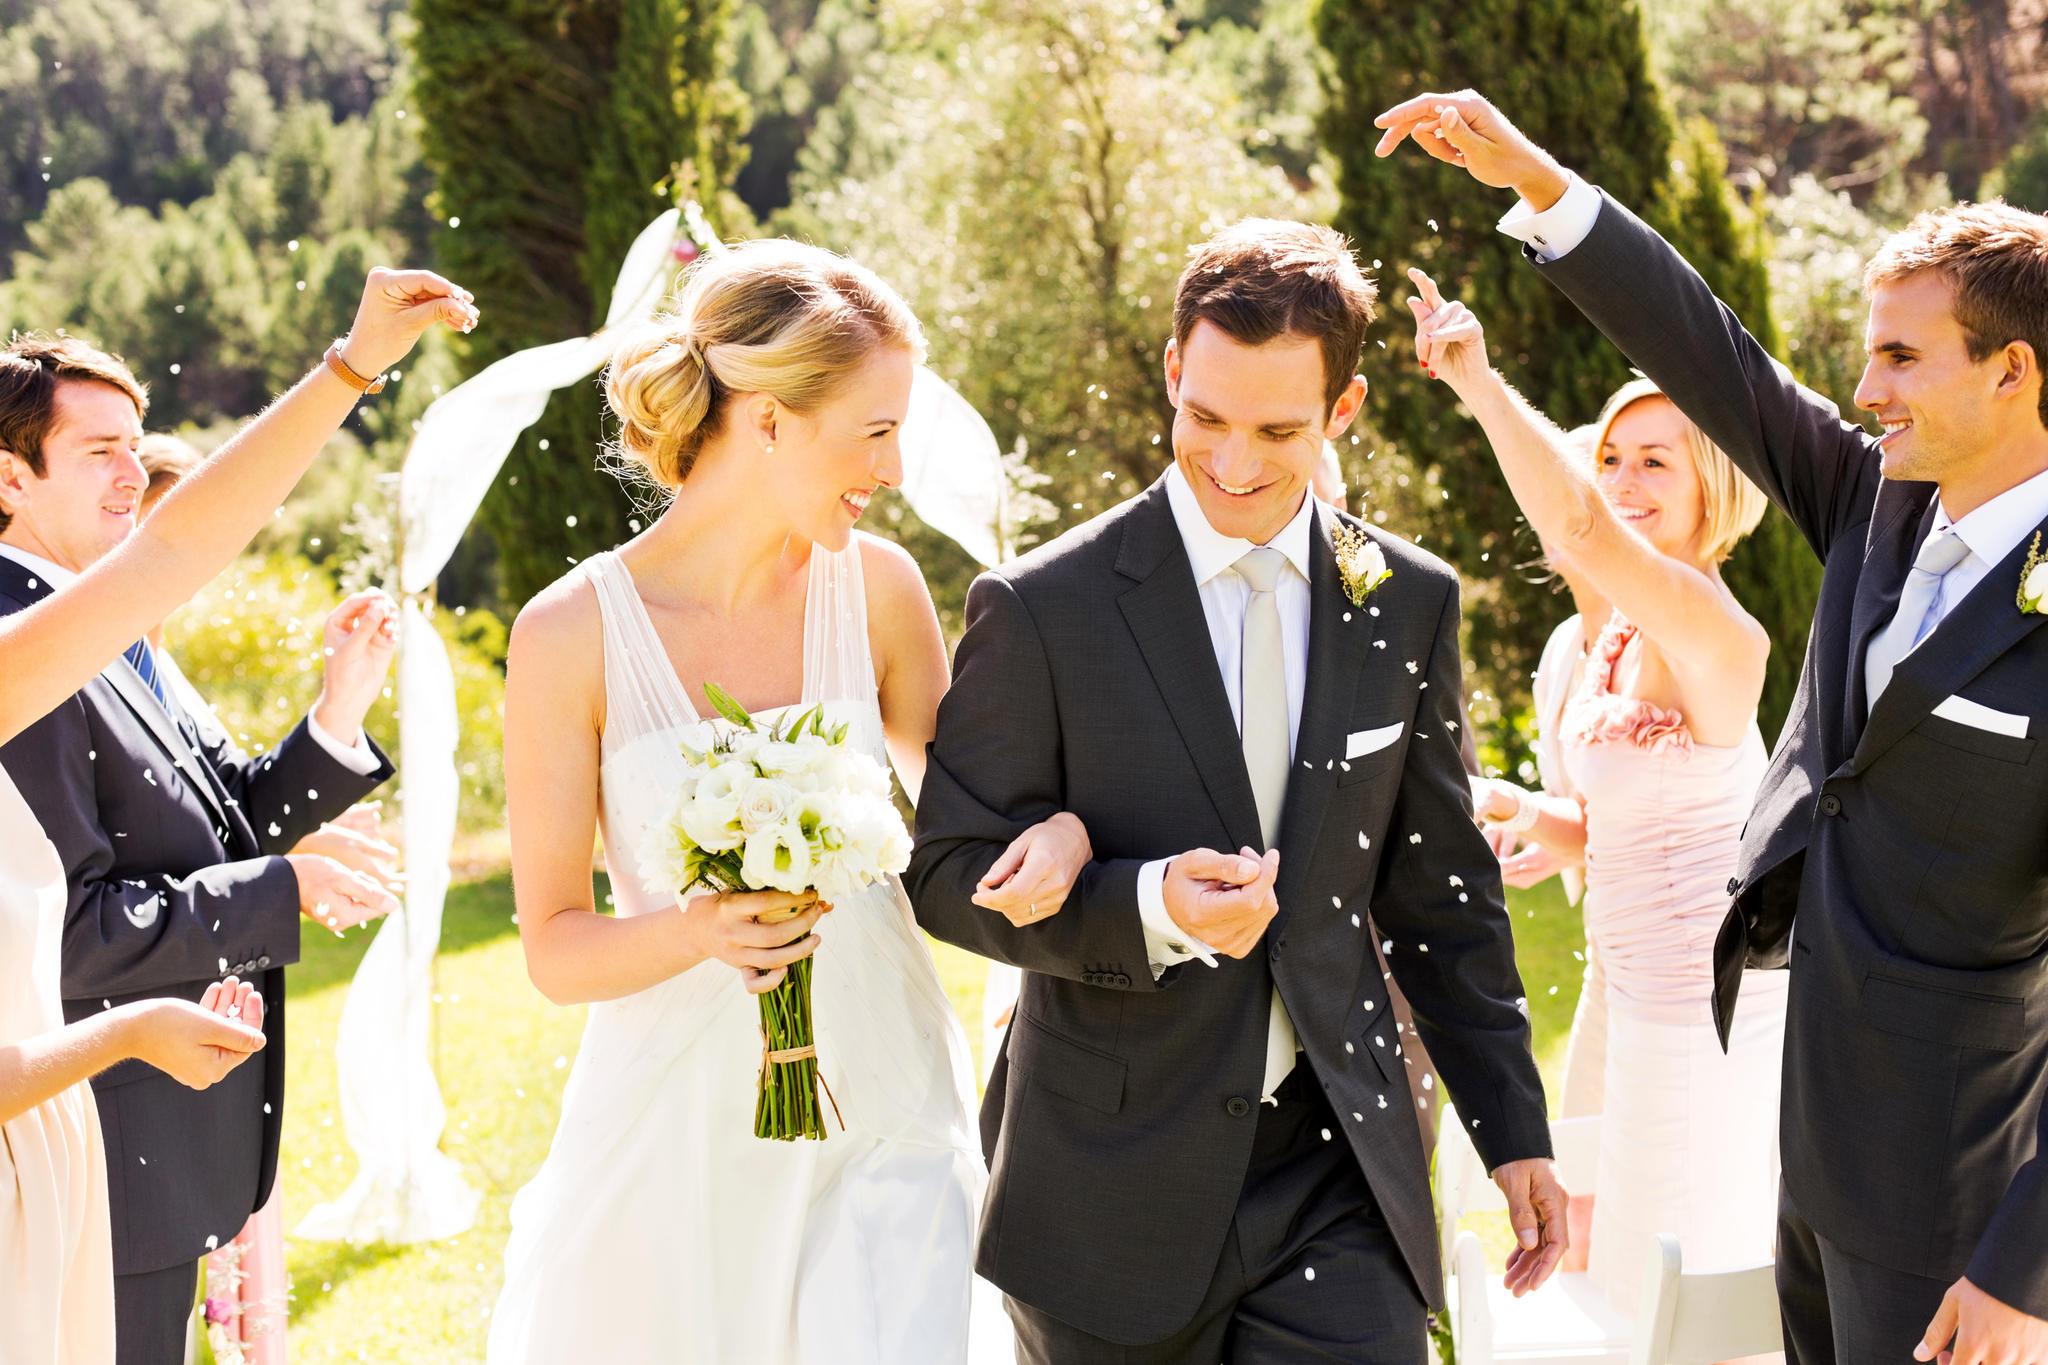 glückliche Hochzeit mein bester Freund